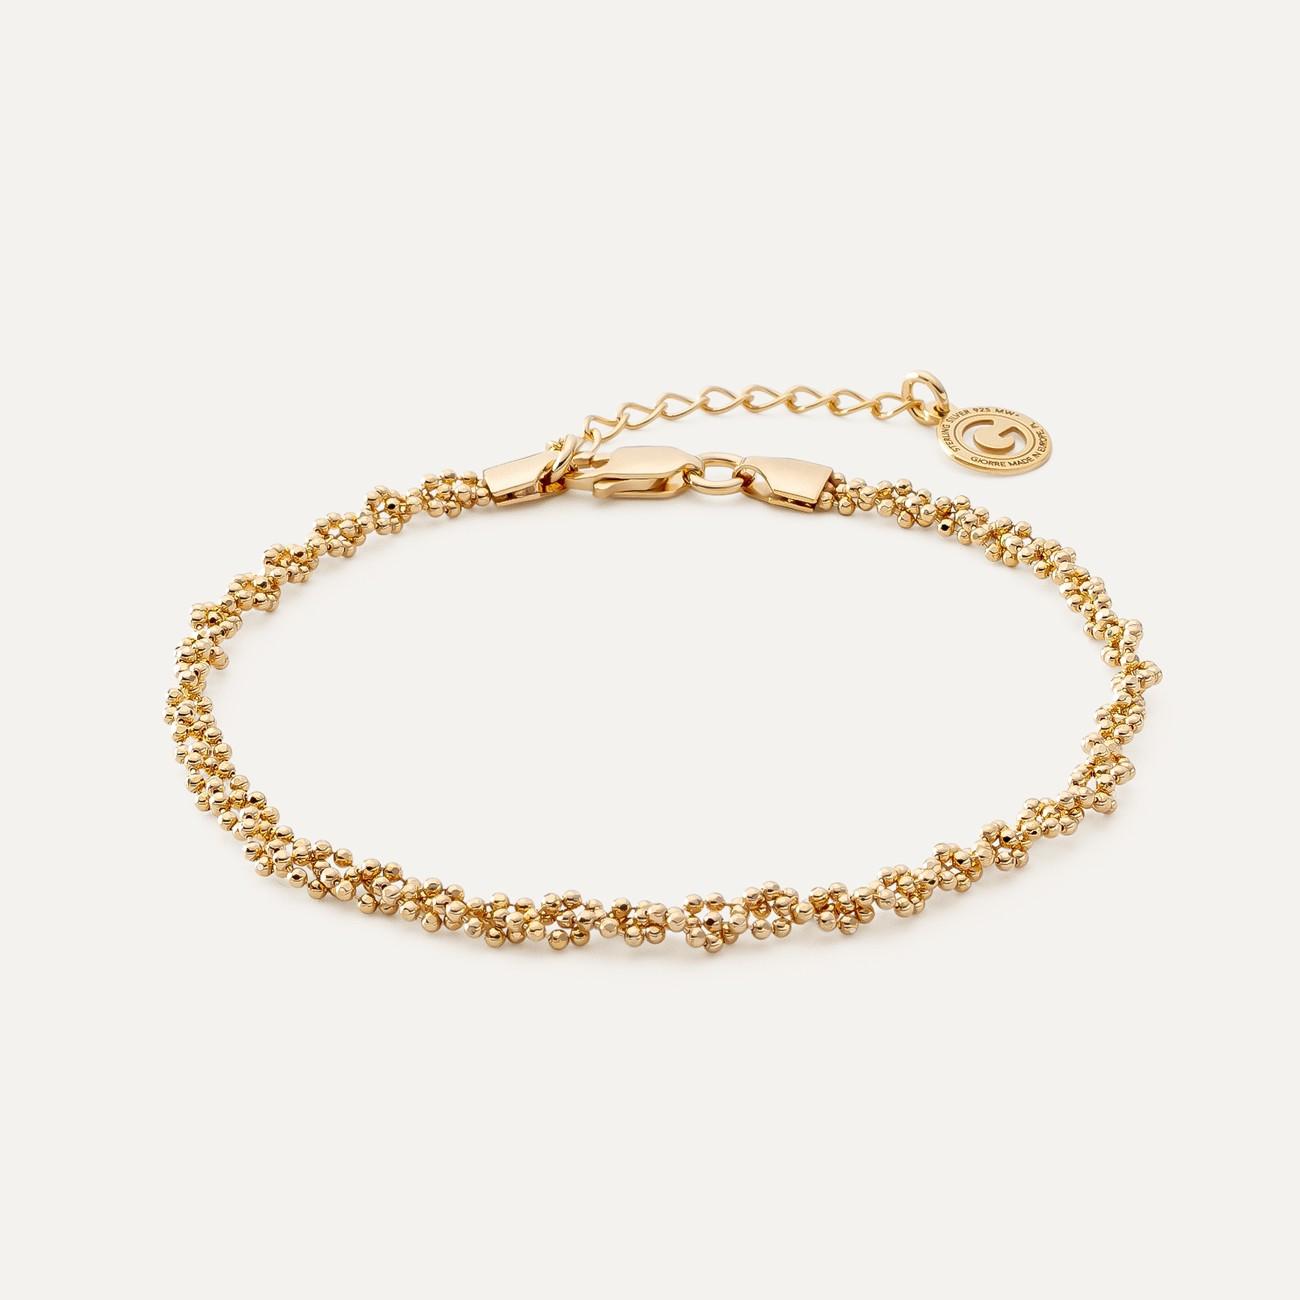 Srebrna bransoletka pleciona z 3 łańcuszków kulkowych, srebro 925